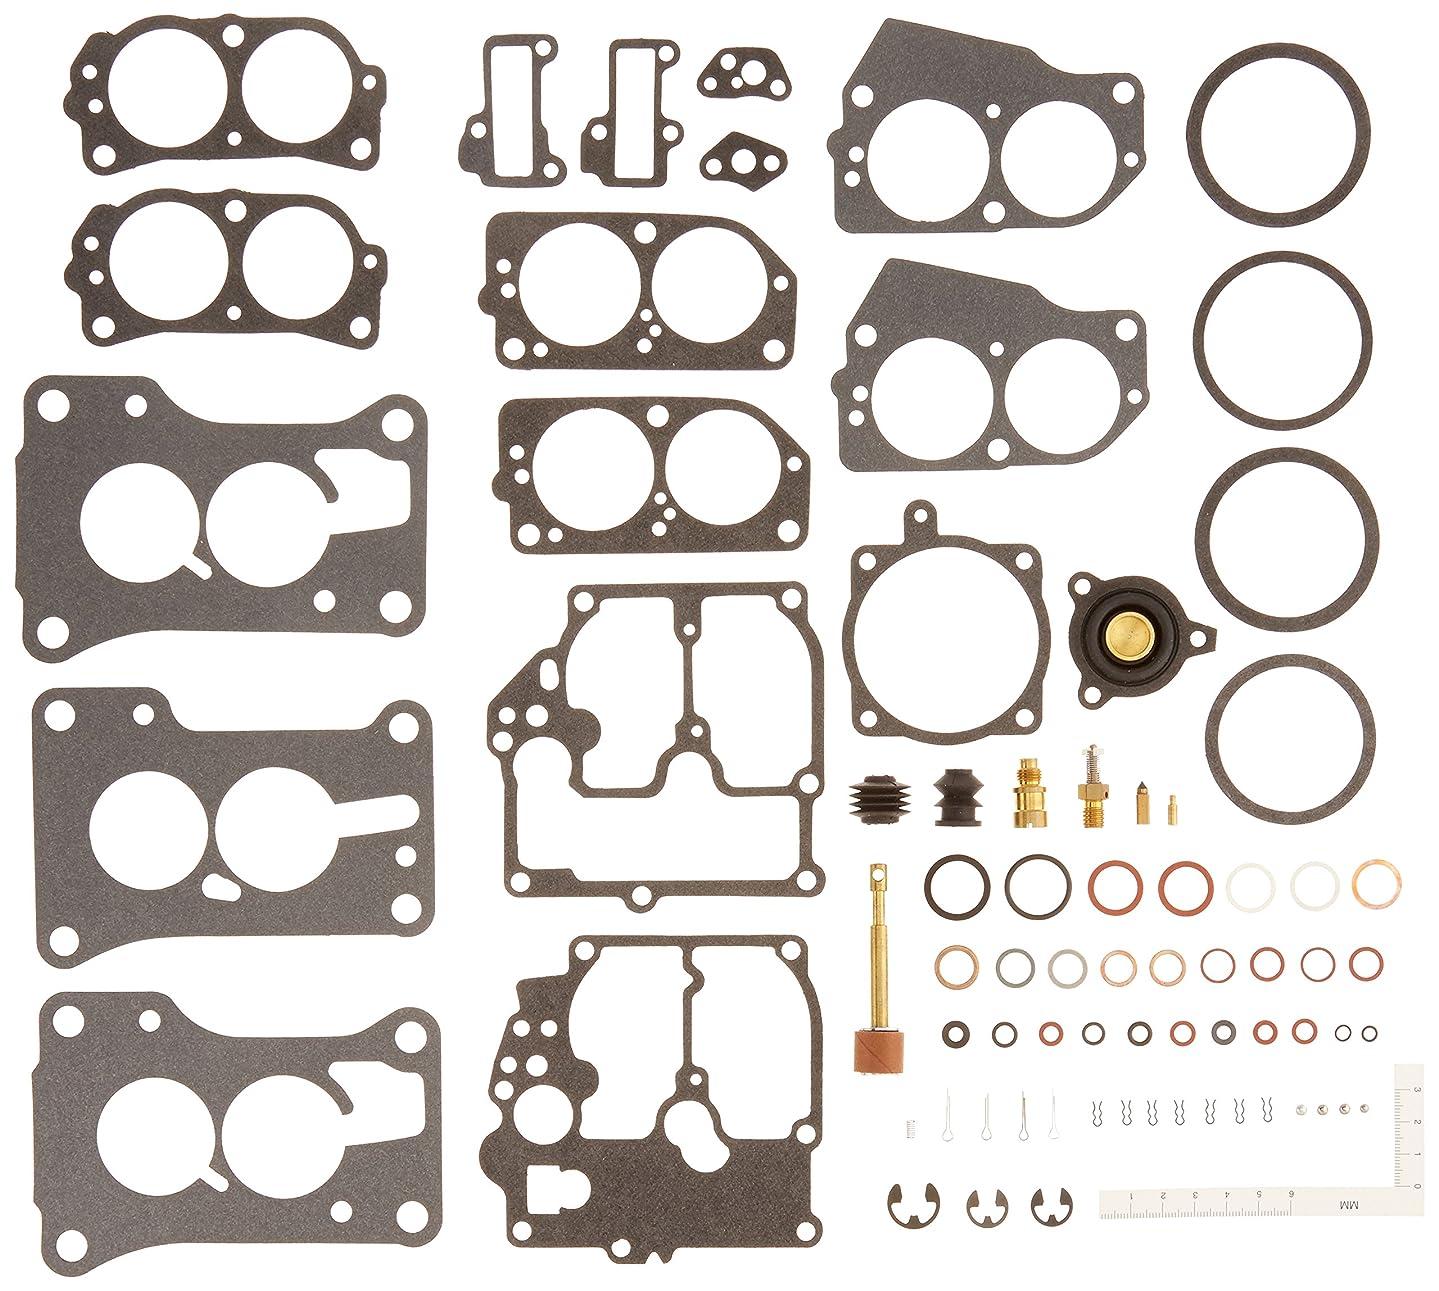 Hygrade Fuel Components 739C Carburetor Kit